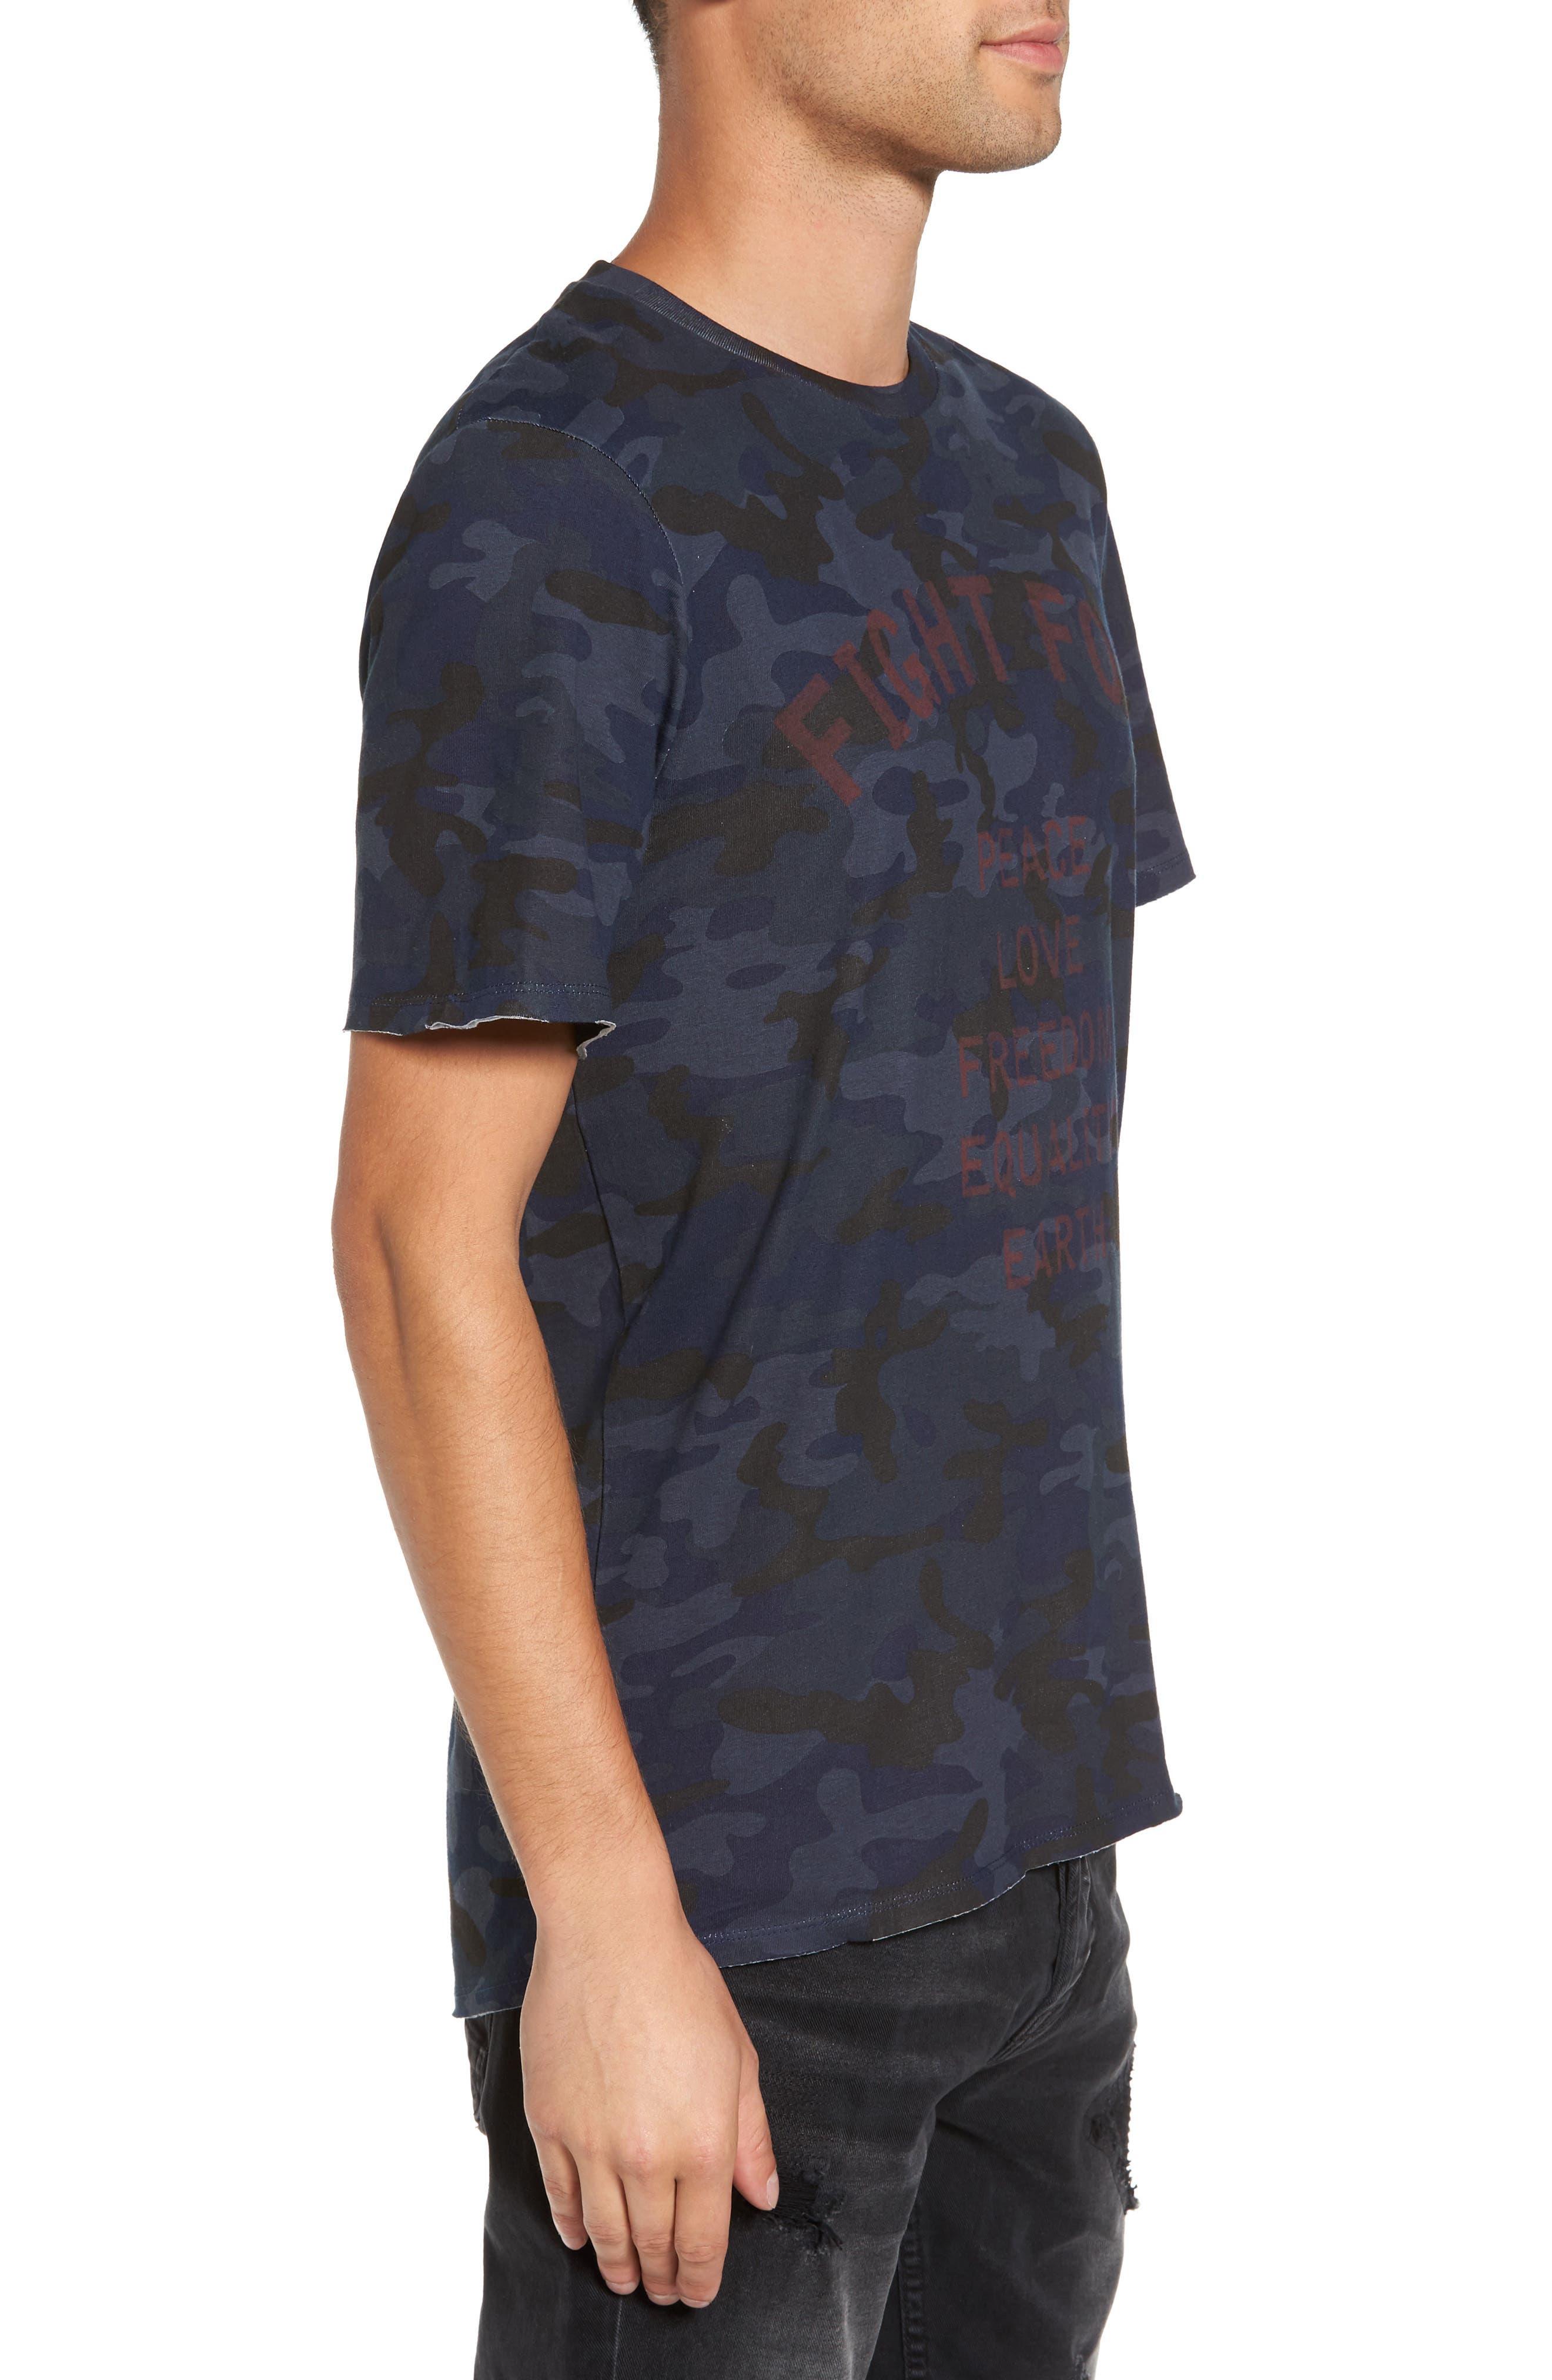 Noght T-Shirt,                             Alternate thumbnail 3, color,                             001